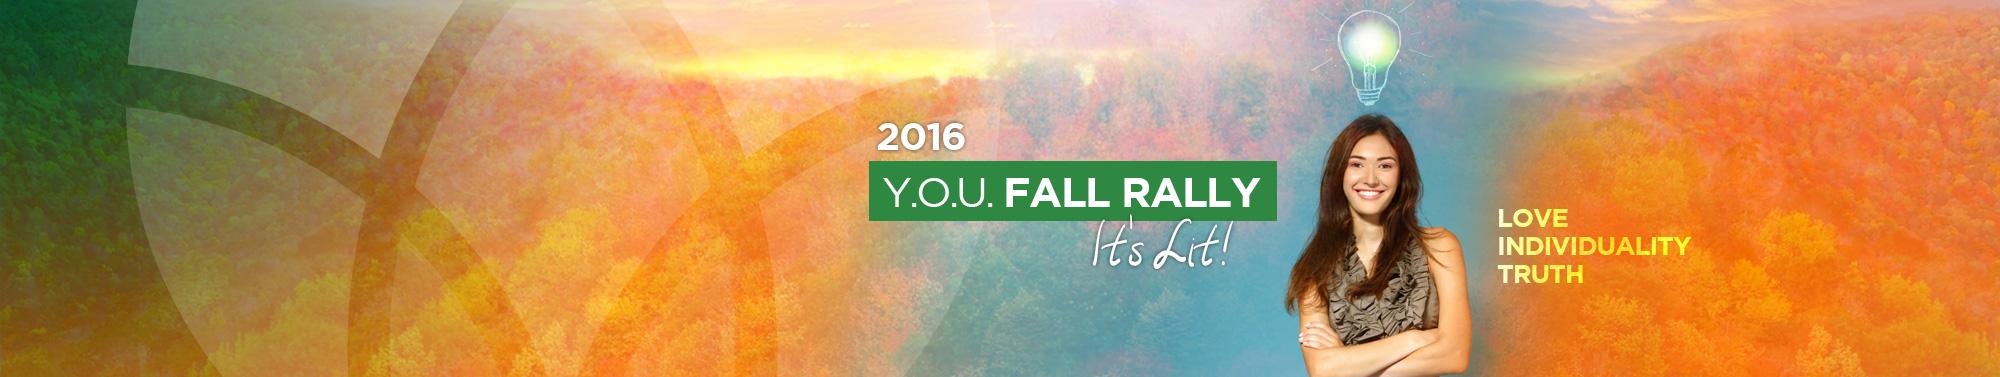 2016 Y.O.U.  <br />Fall Rally